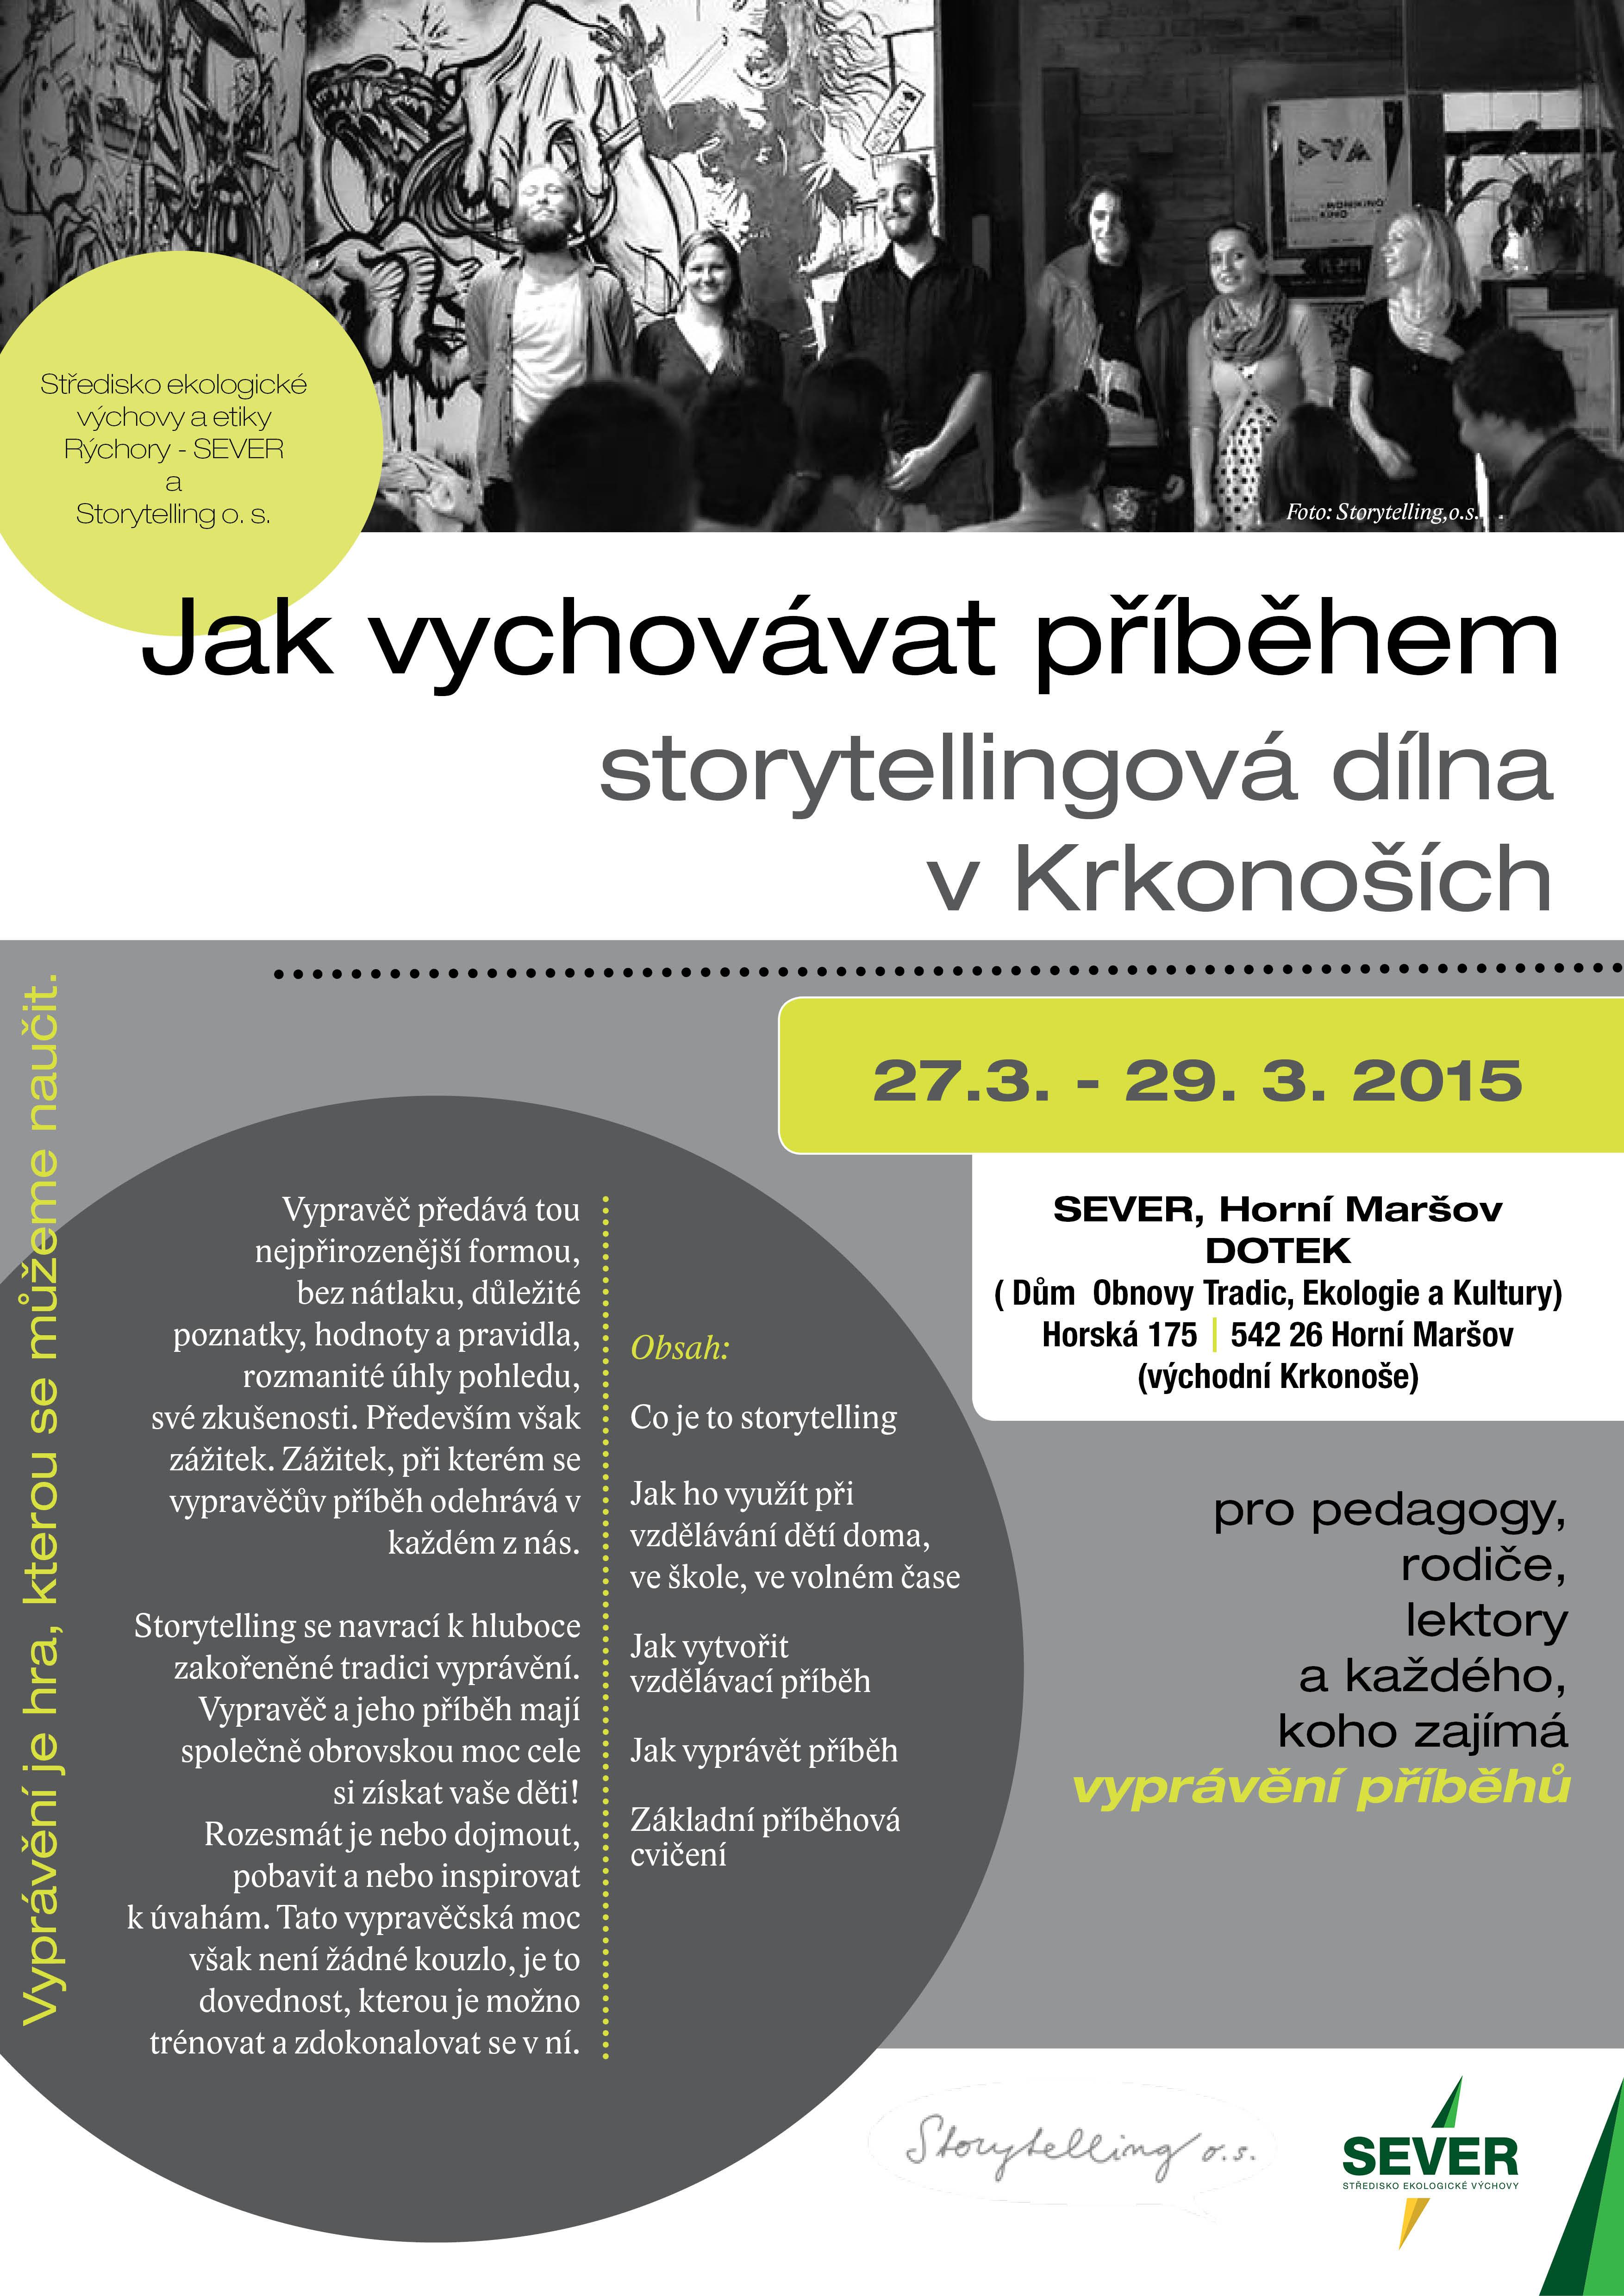 Jak vychovávat příběhem – storytelling v Krkonoších